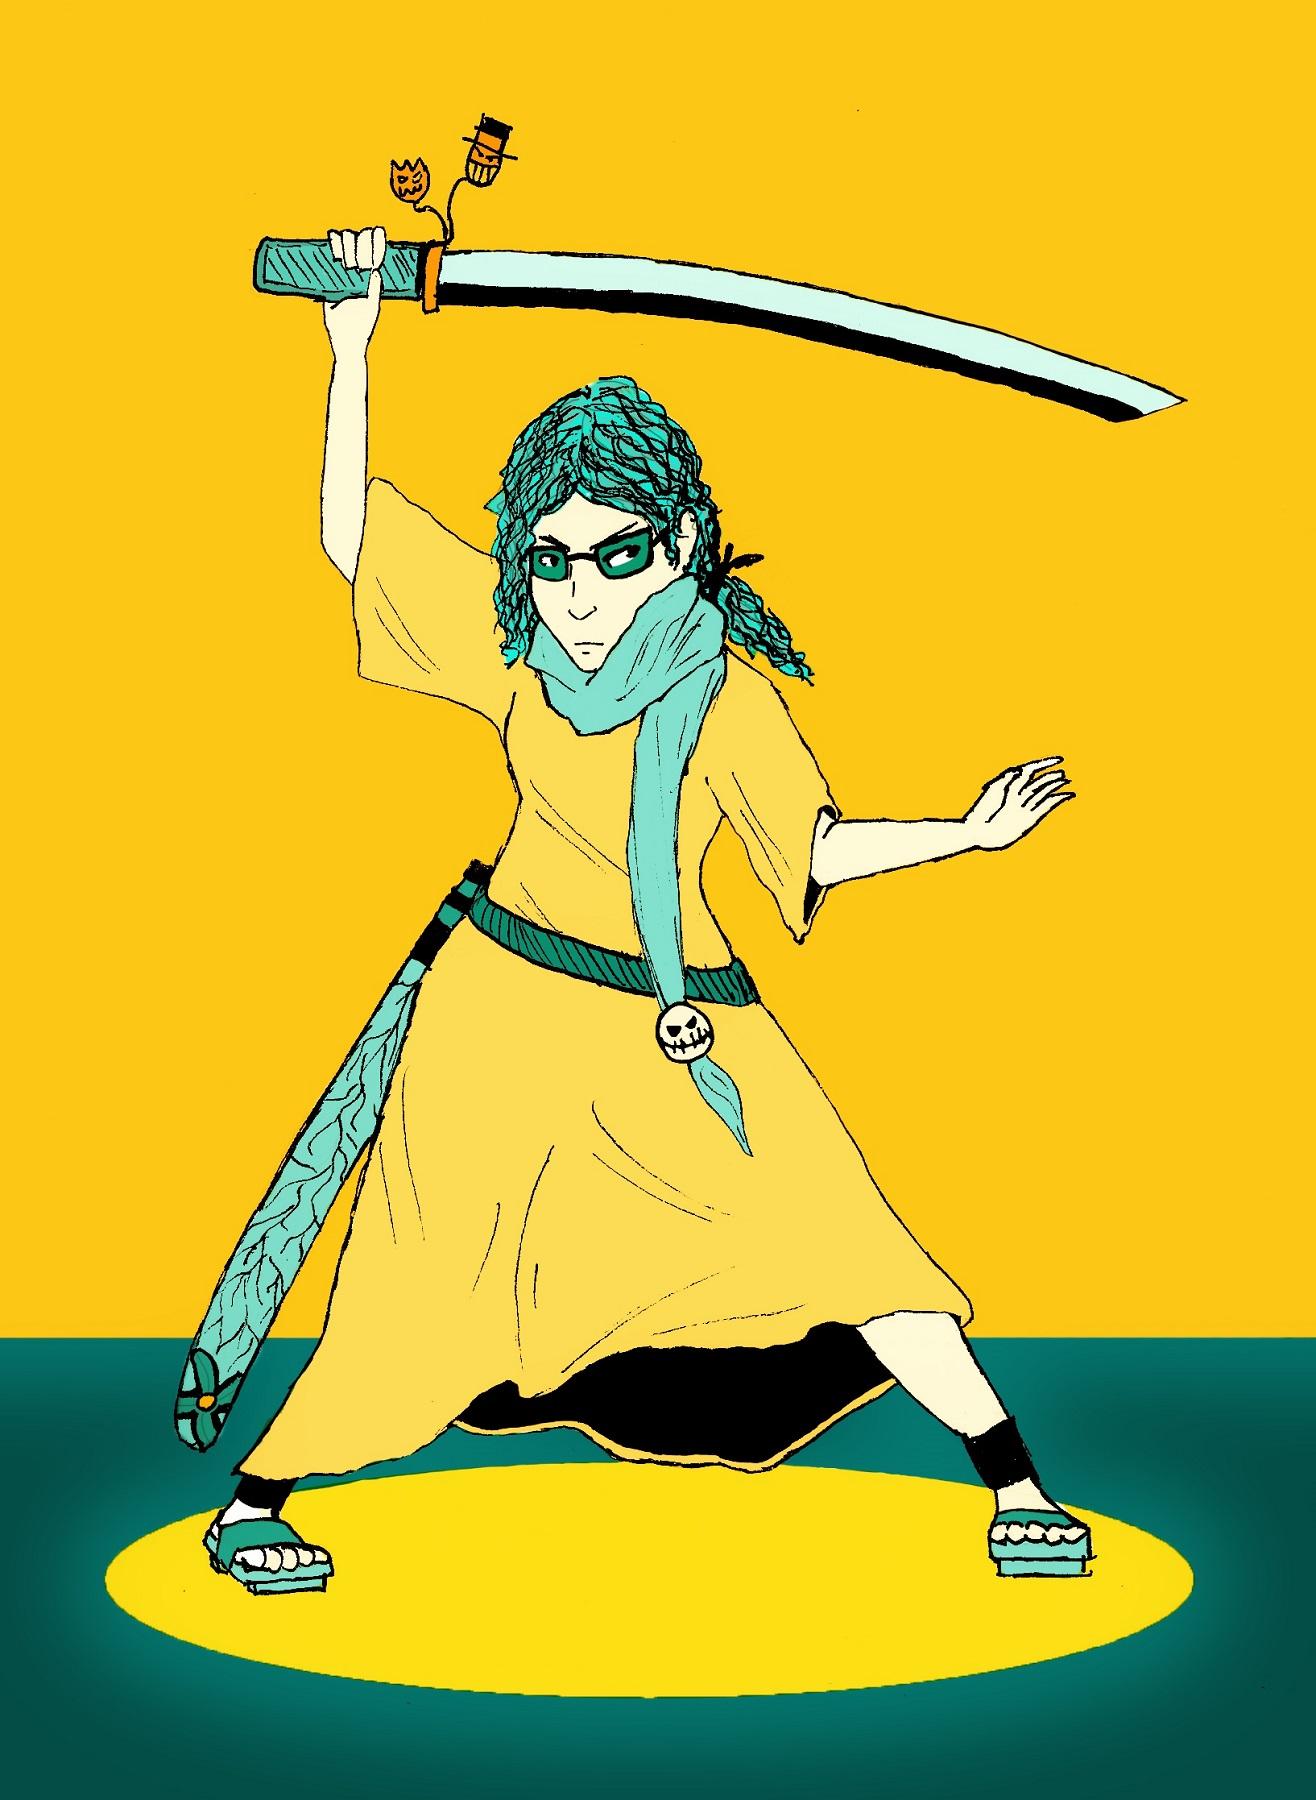 A friend as a Samurai